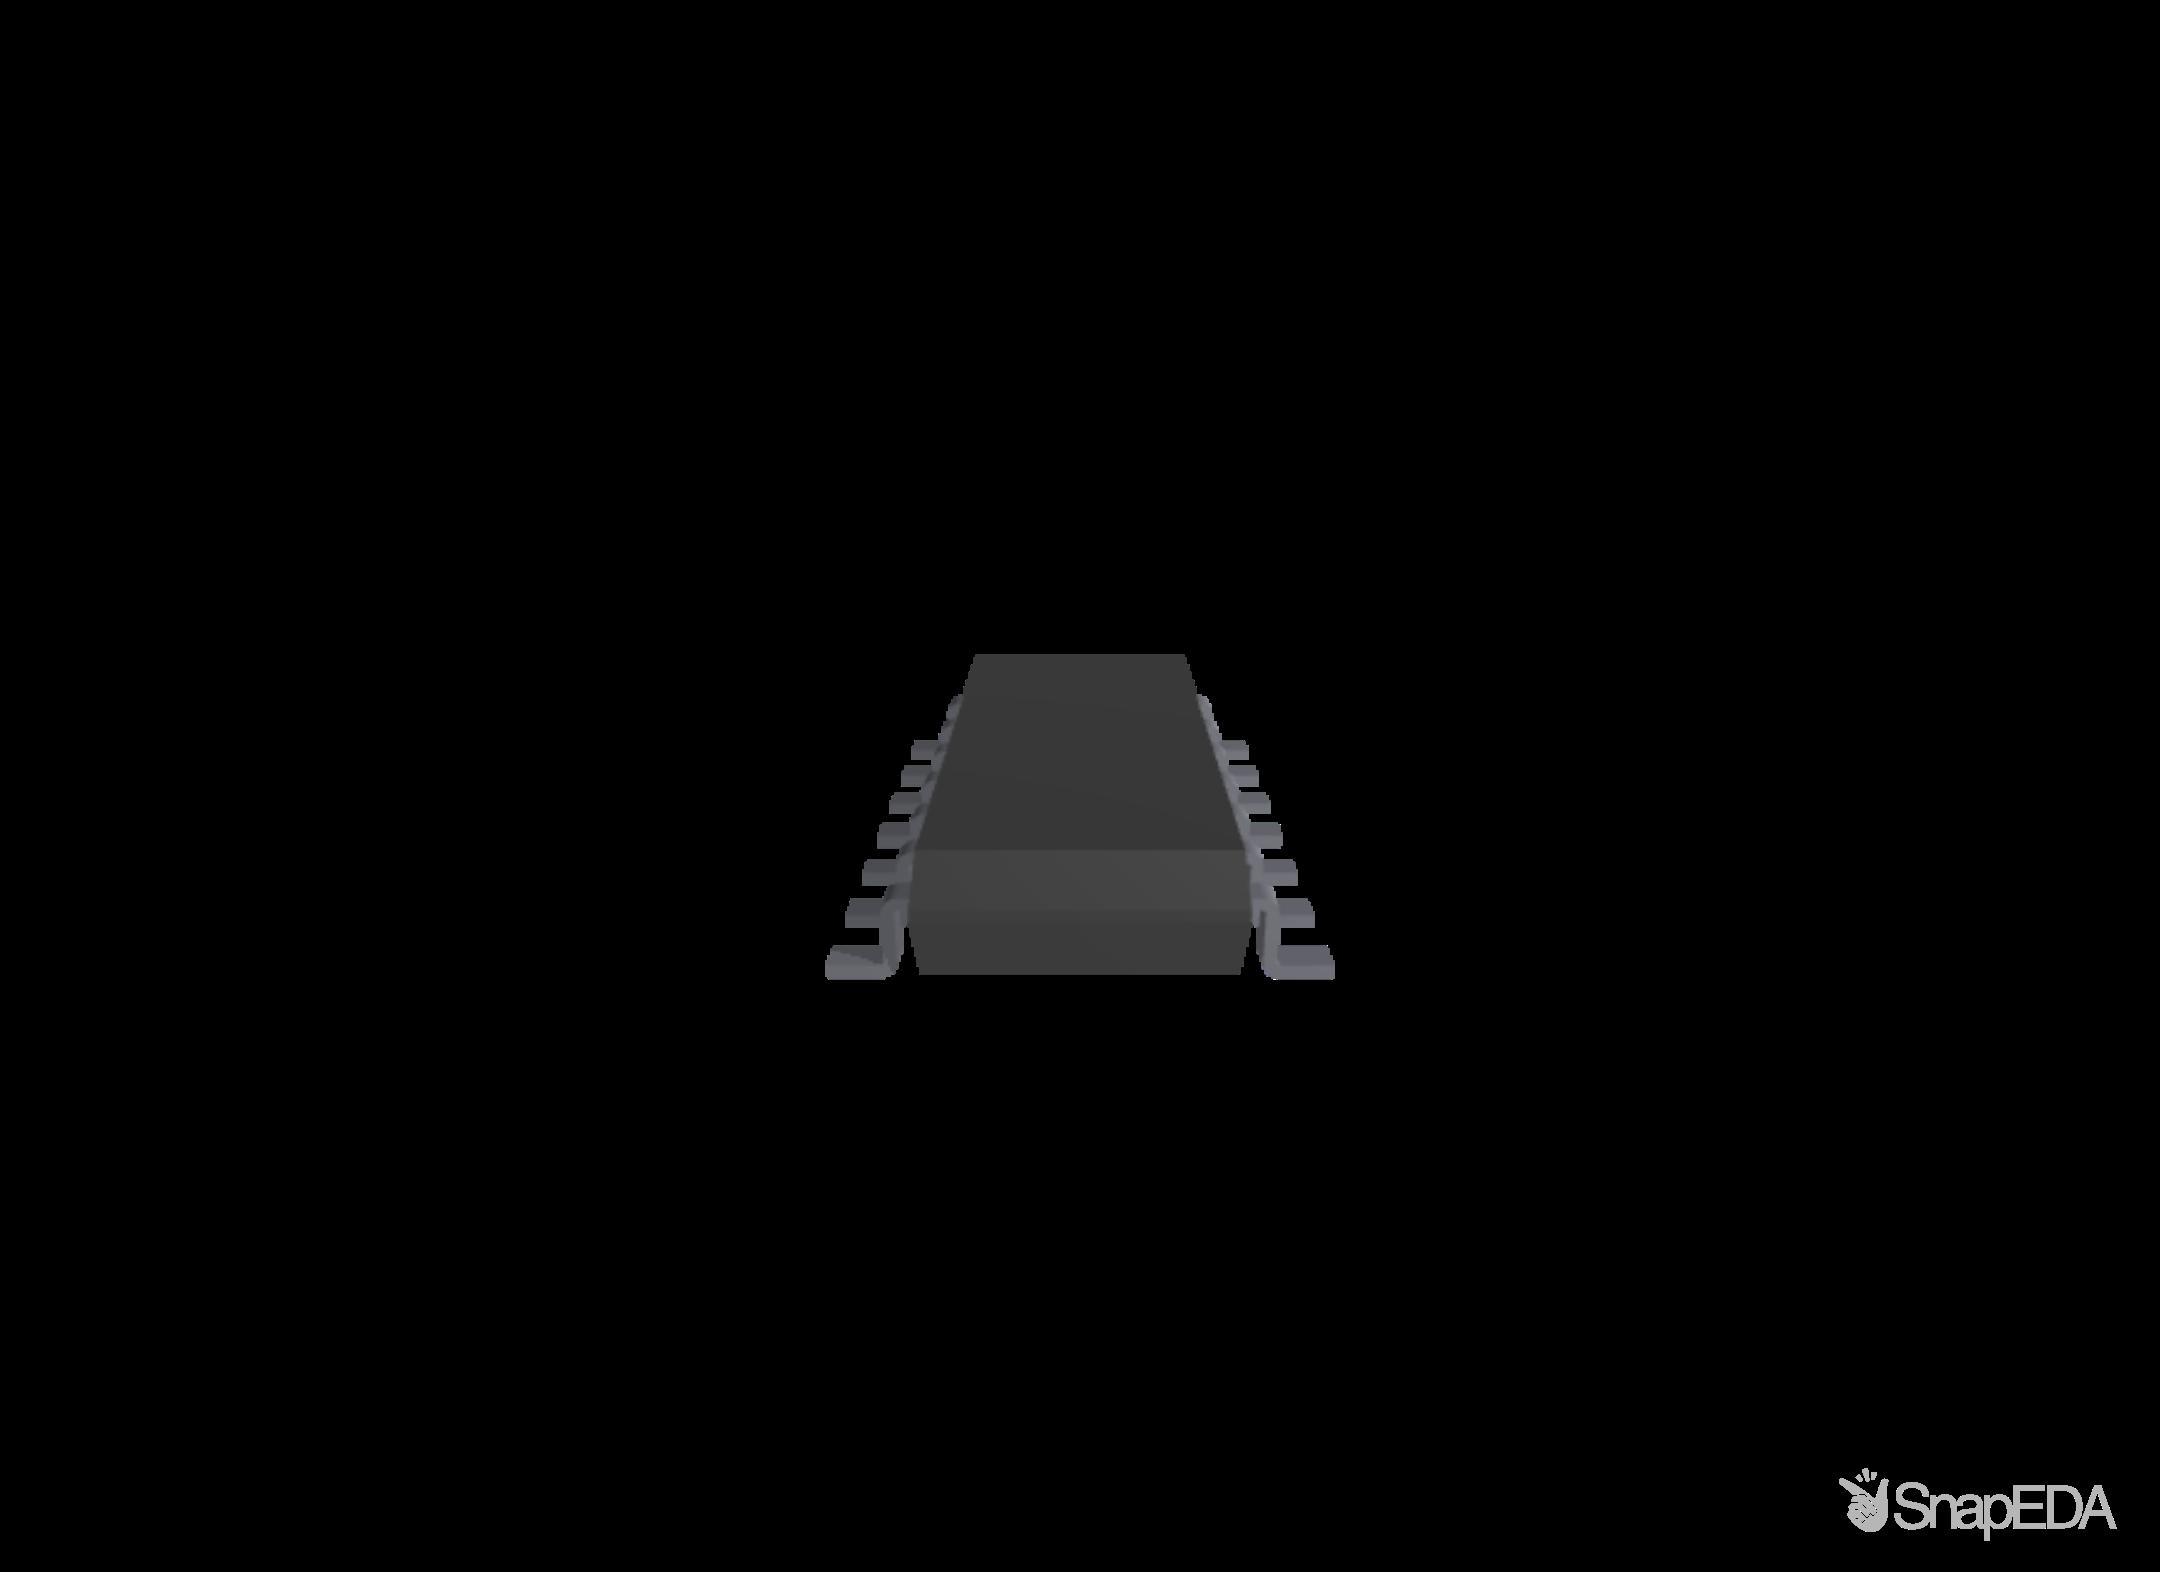 SN74HC4066DT 3D Model